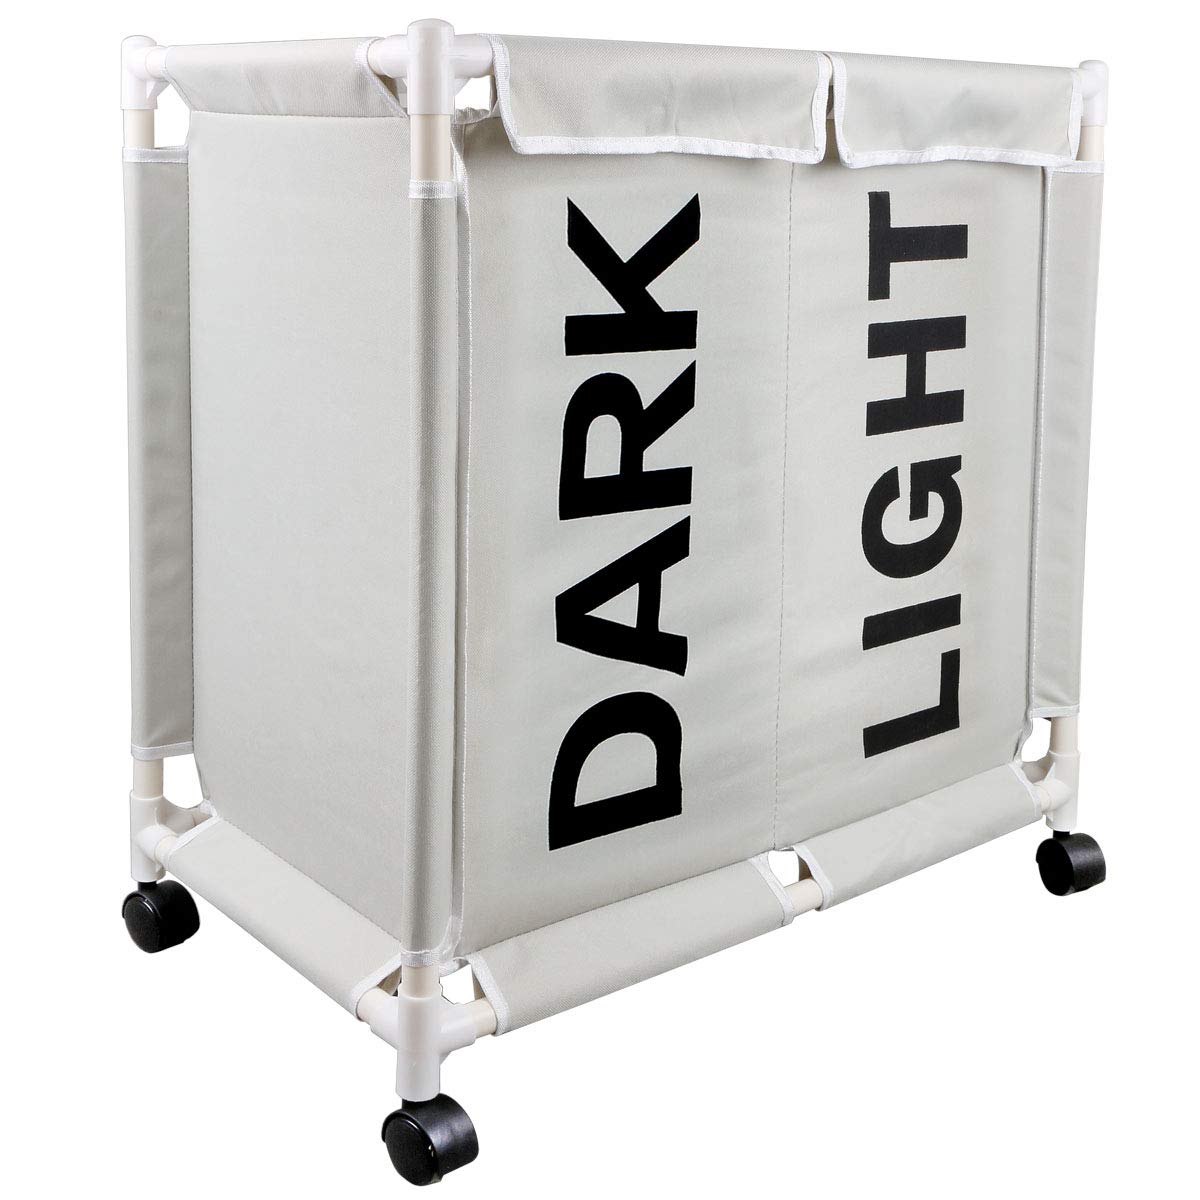 大型ローリングランドリーバスケットホイール ランドリーソーターカート 丈夫 汚れた衣類バッグ 折りたたみ可能 長方形 洗濯物収納容器 グレー B07RZ7MBVX グレー